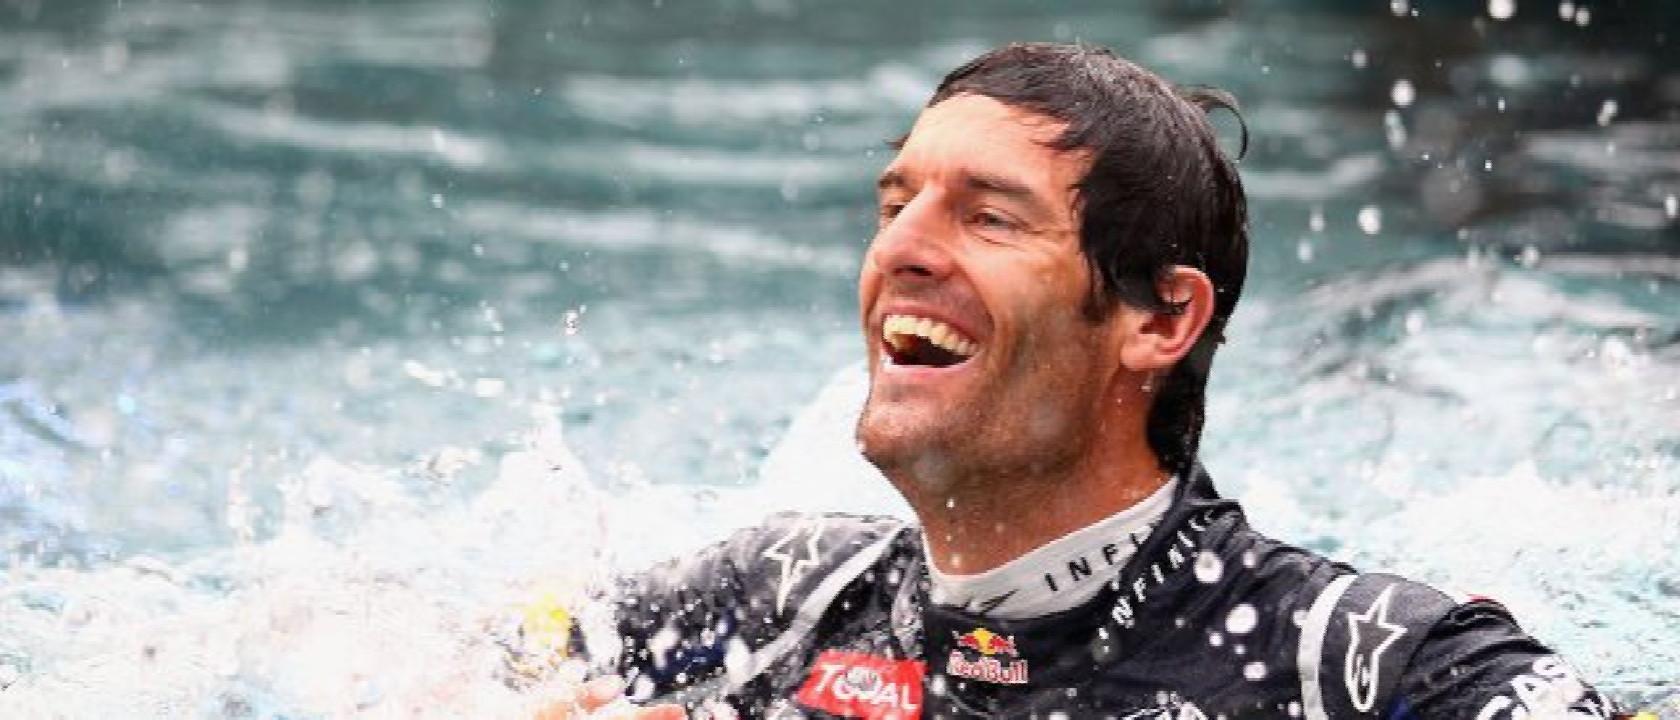 Webber-Monaco-27May12-1680x720